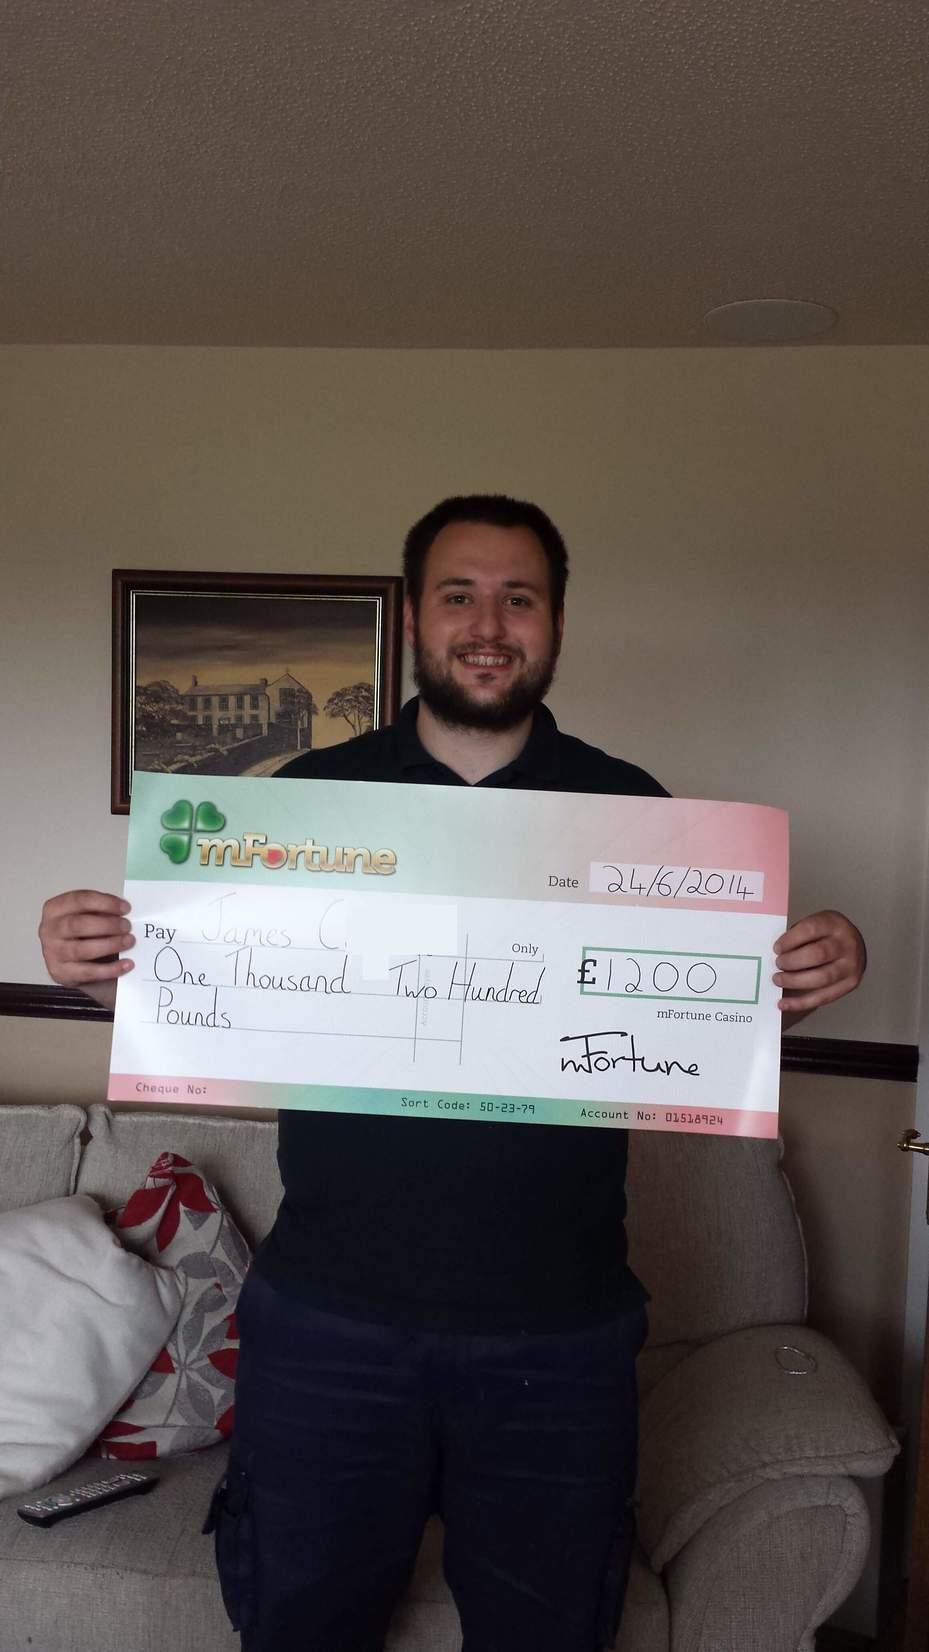 James C won £ 1,200